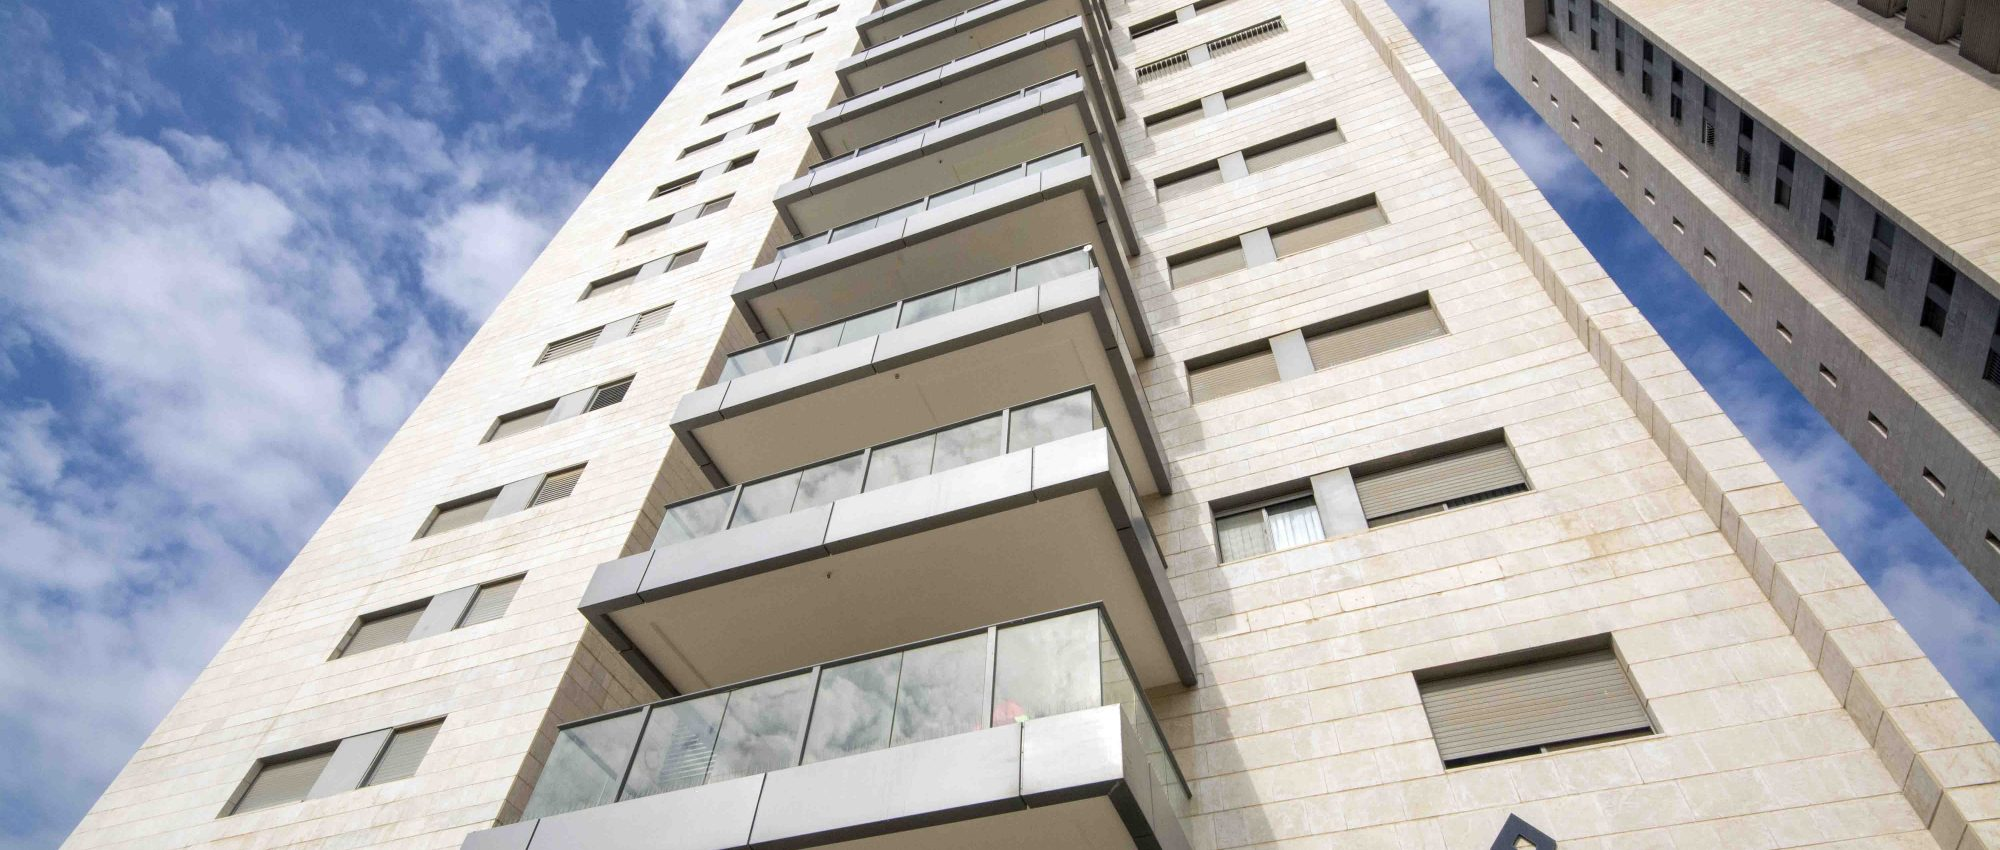 For sale – 5 room high floor tower apartment in Kikar Amos Hanavi, Modiin